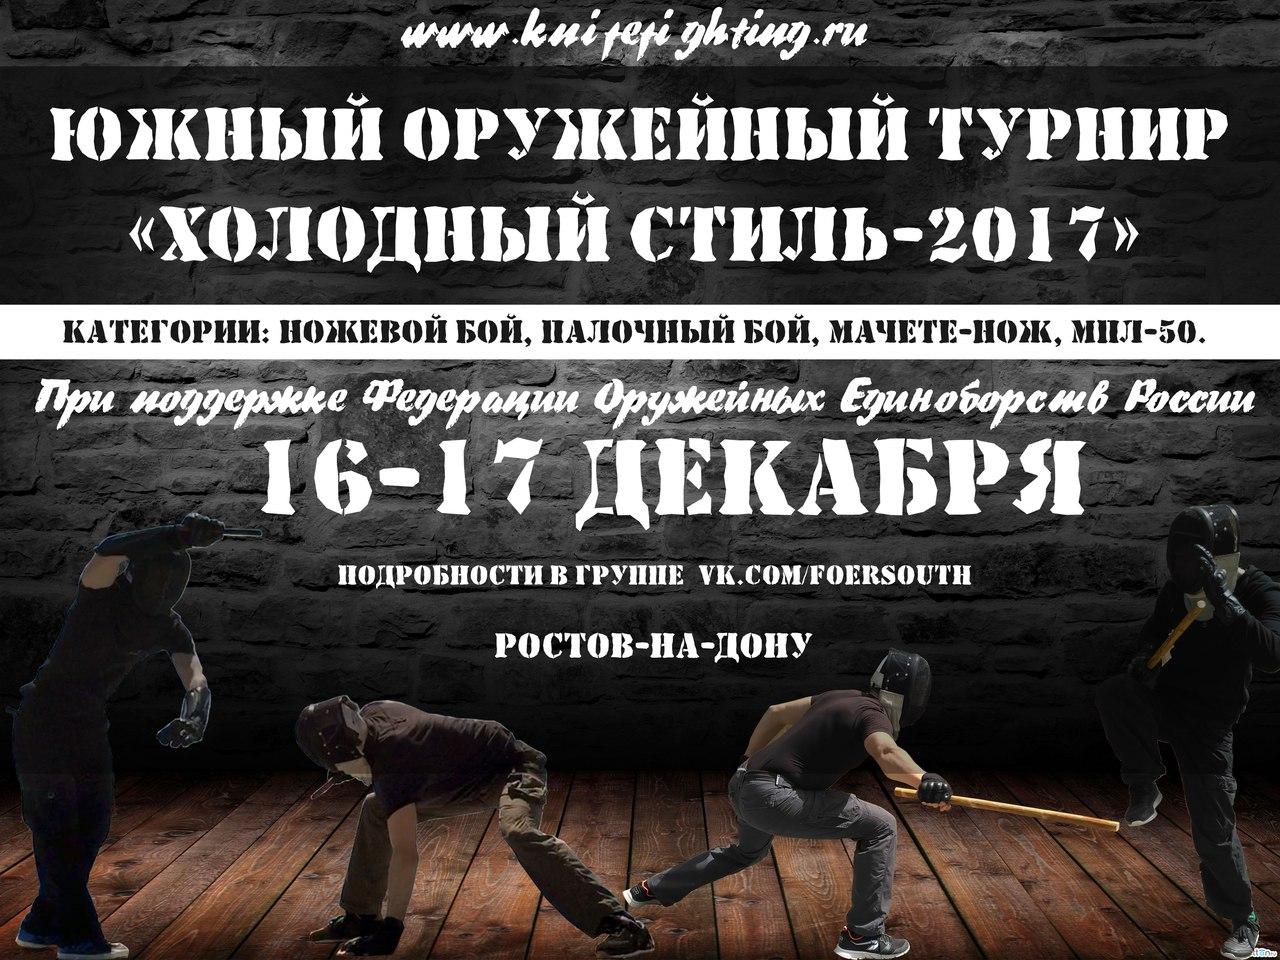 16-17 декабря 2017 года состоится уникальное событий для Юга России! Первый Южно-Российский мультиоружейный турнир «Холодный стиль 2017» пройдет в Ростове-на-Дону!